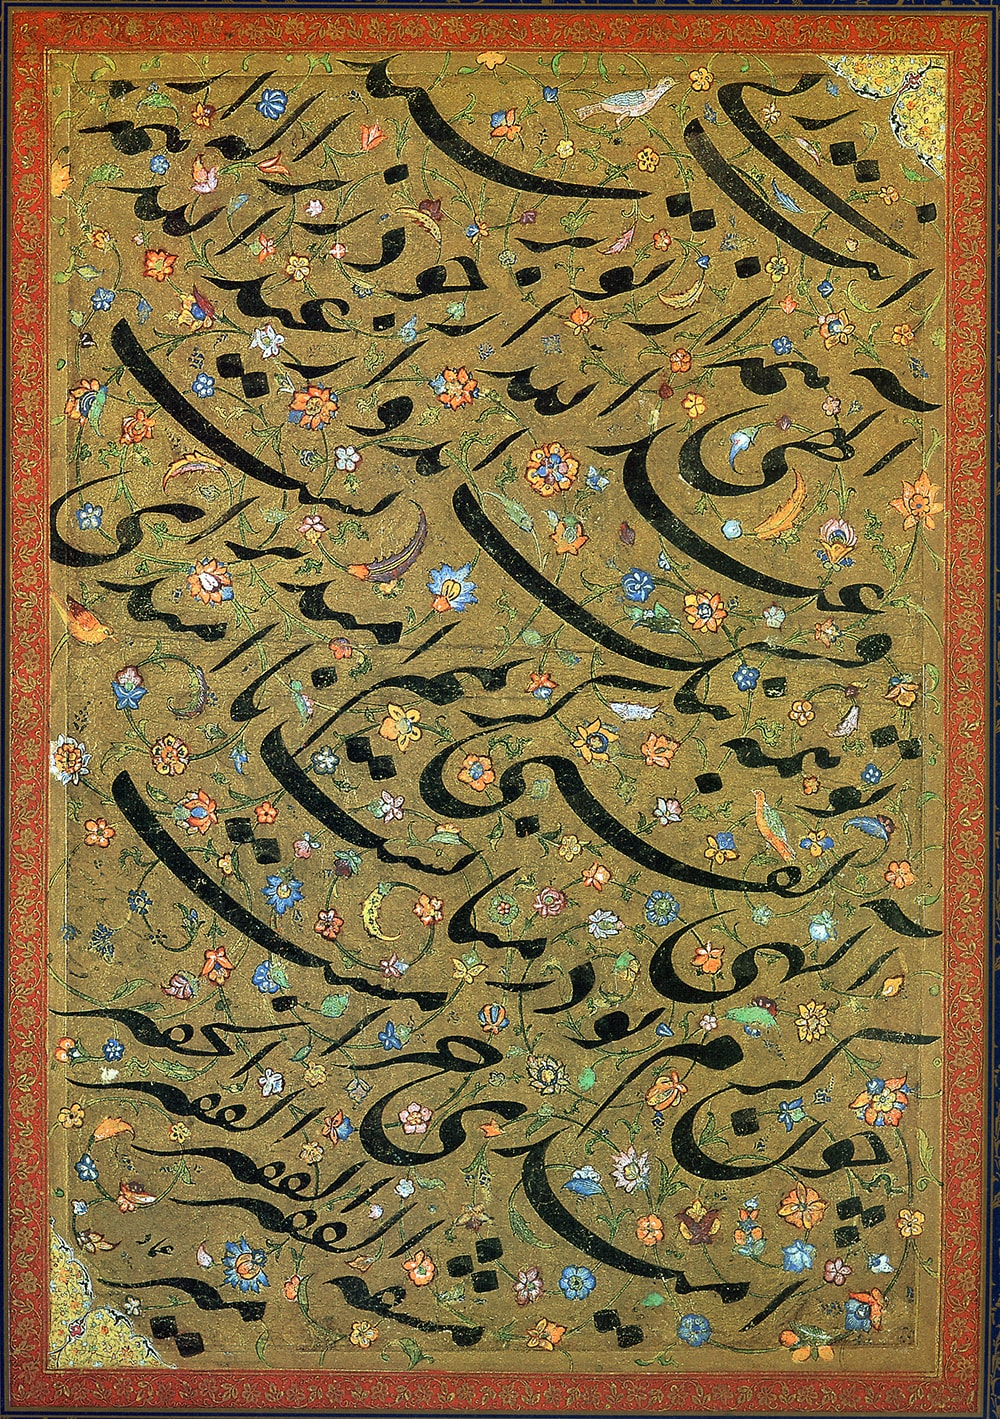 الكتابة بالخط الفارسي